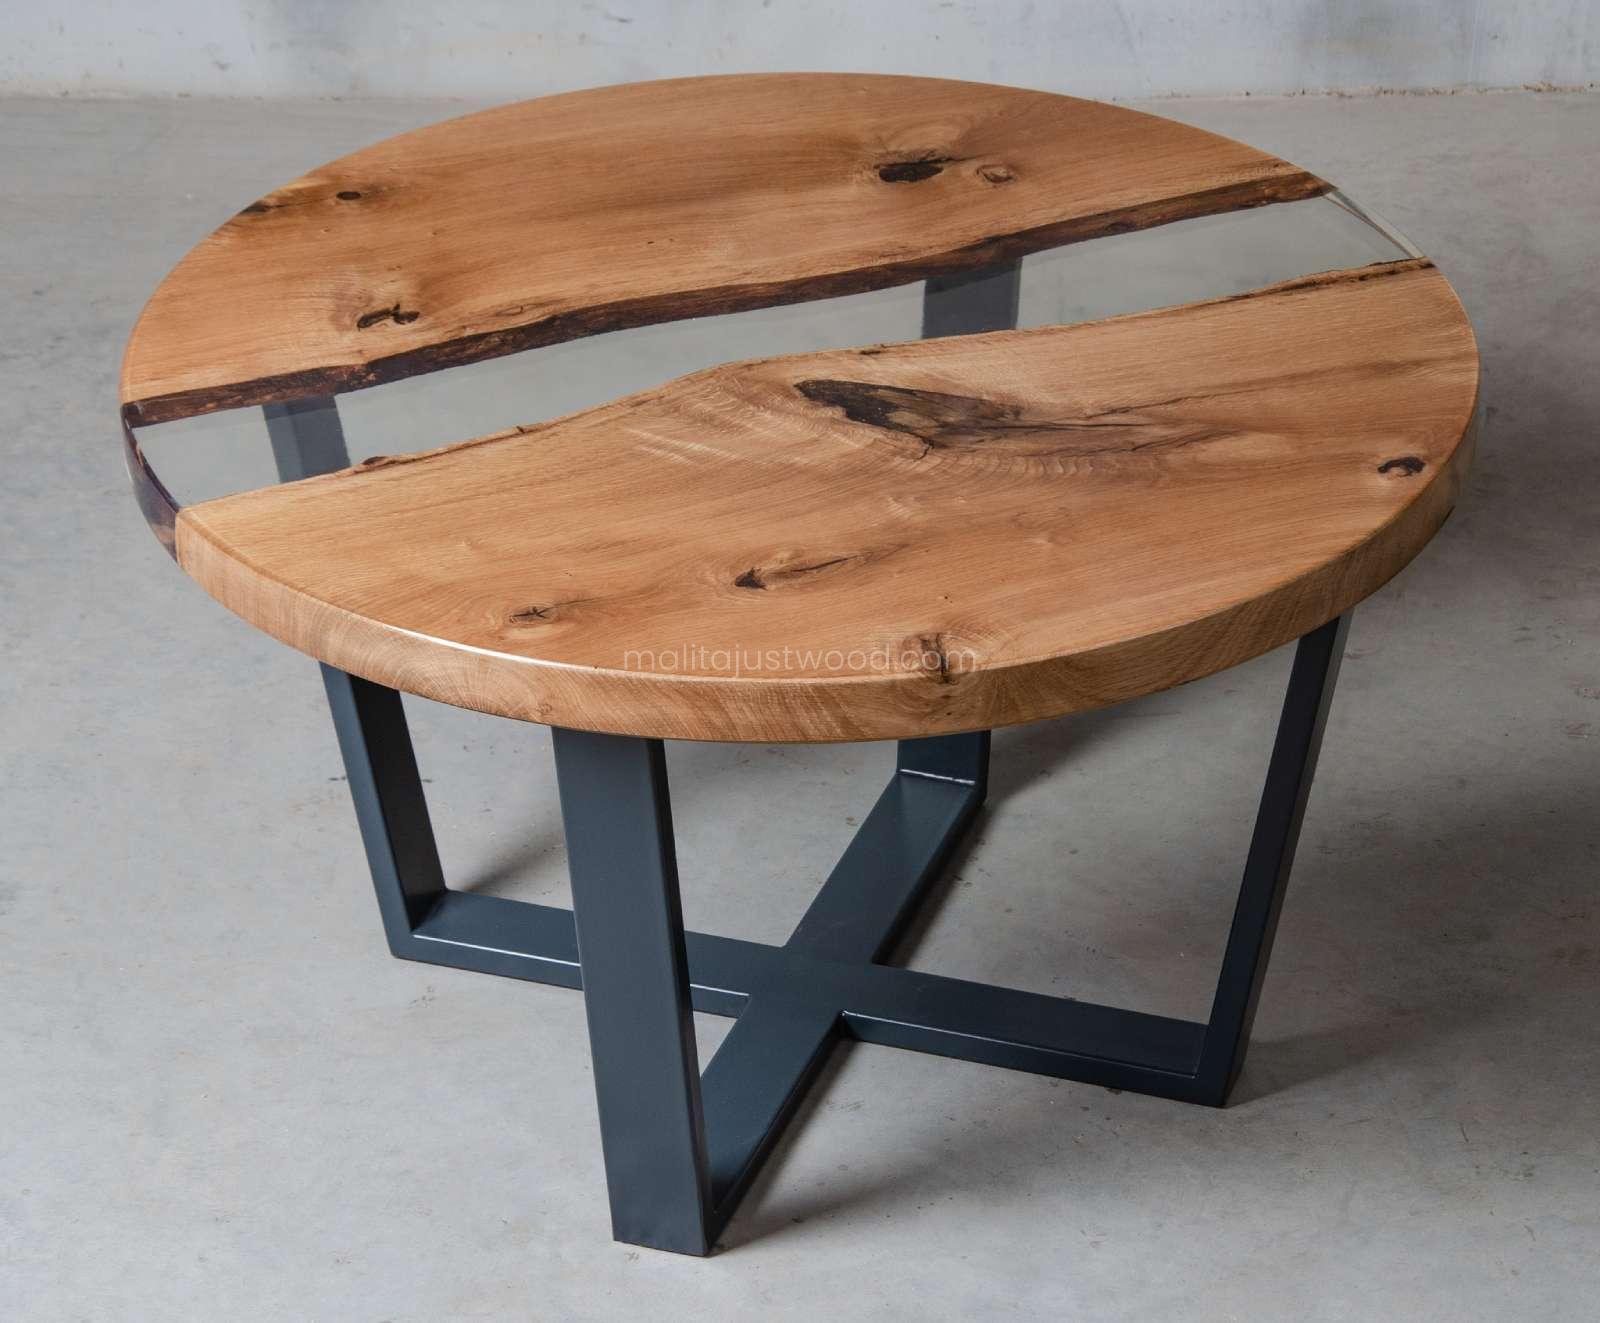 einzigartiger Puella Tisch für ein modernes Wohnzimmer